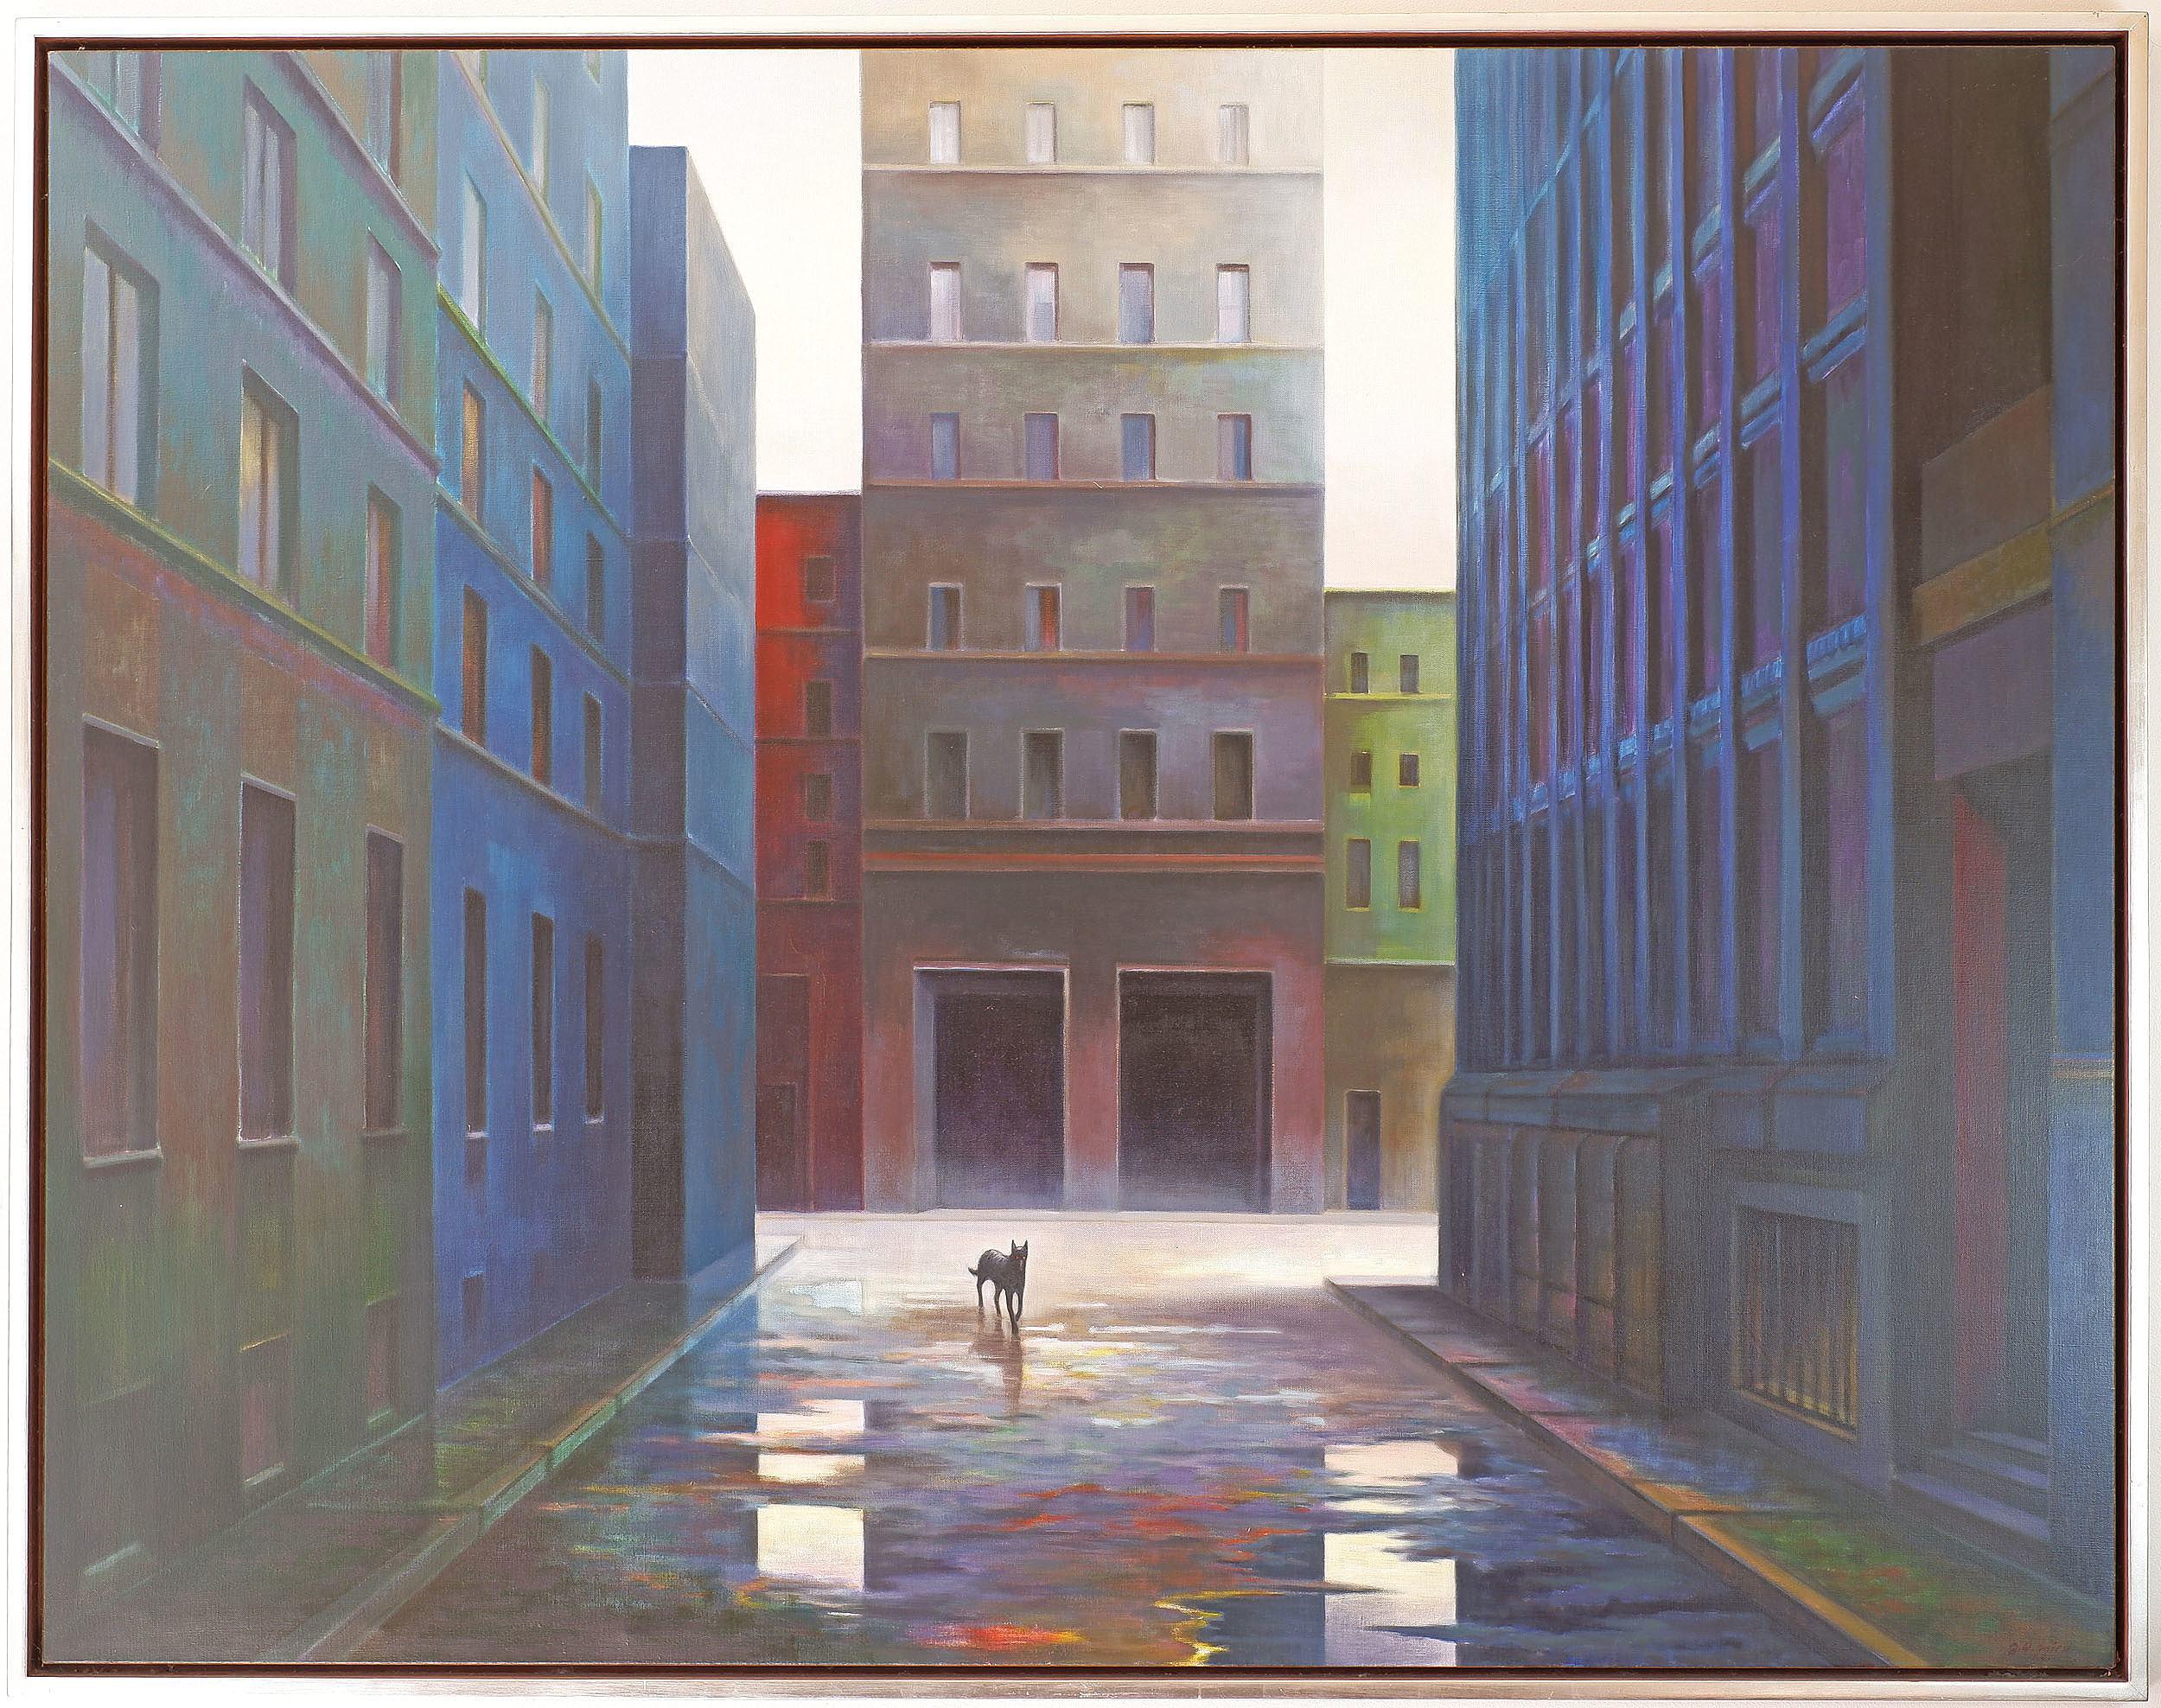 'Jerzy W Michalski (1949-) Dog Day 1999 Oil on Linen'